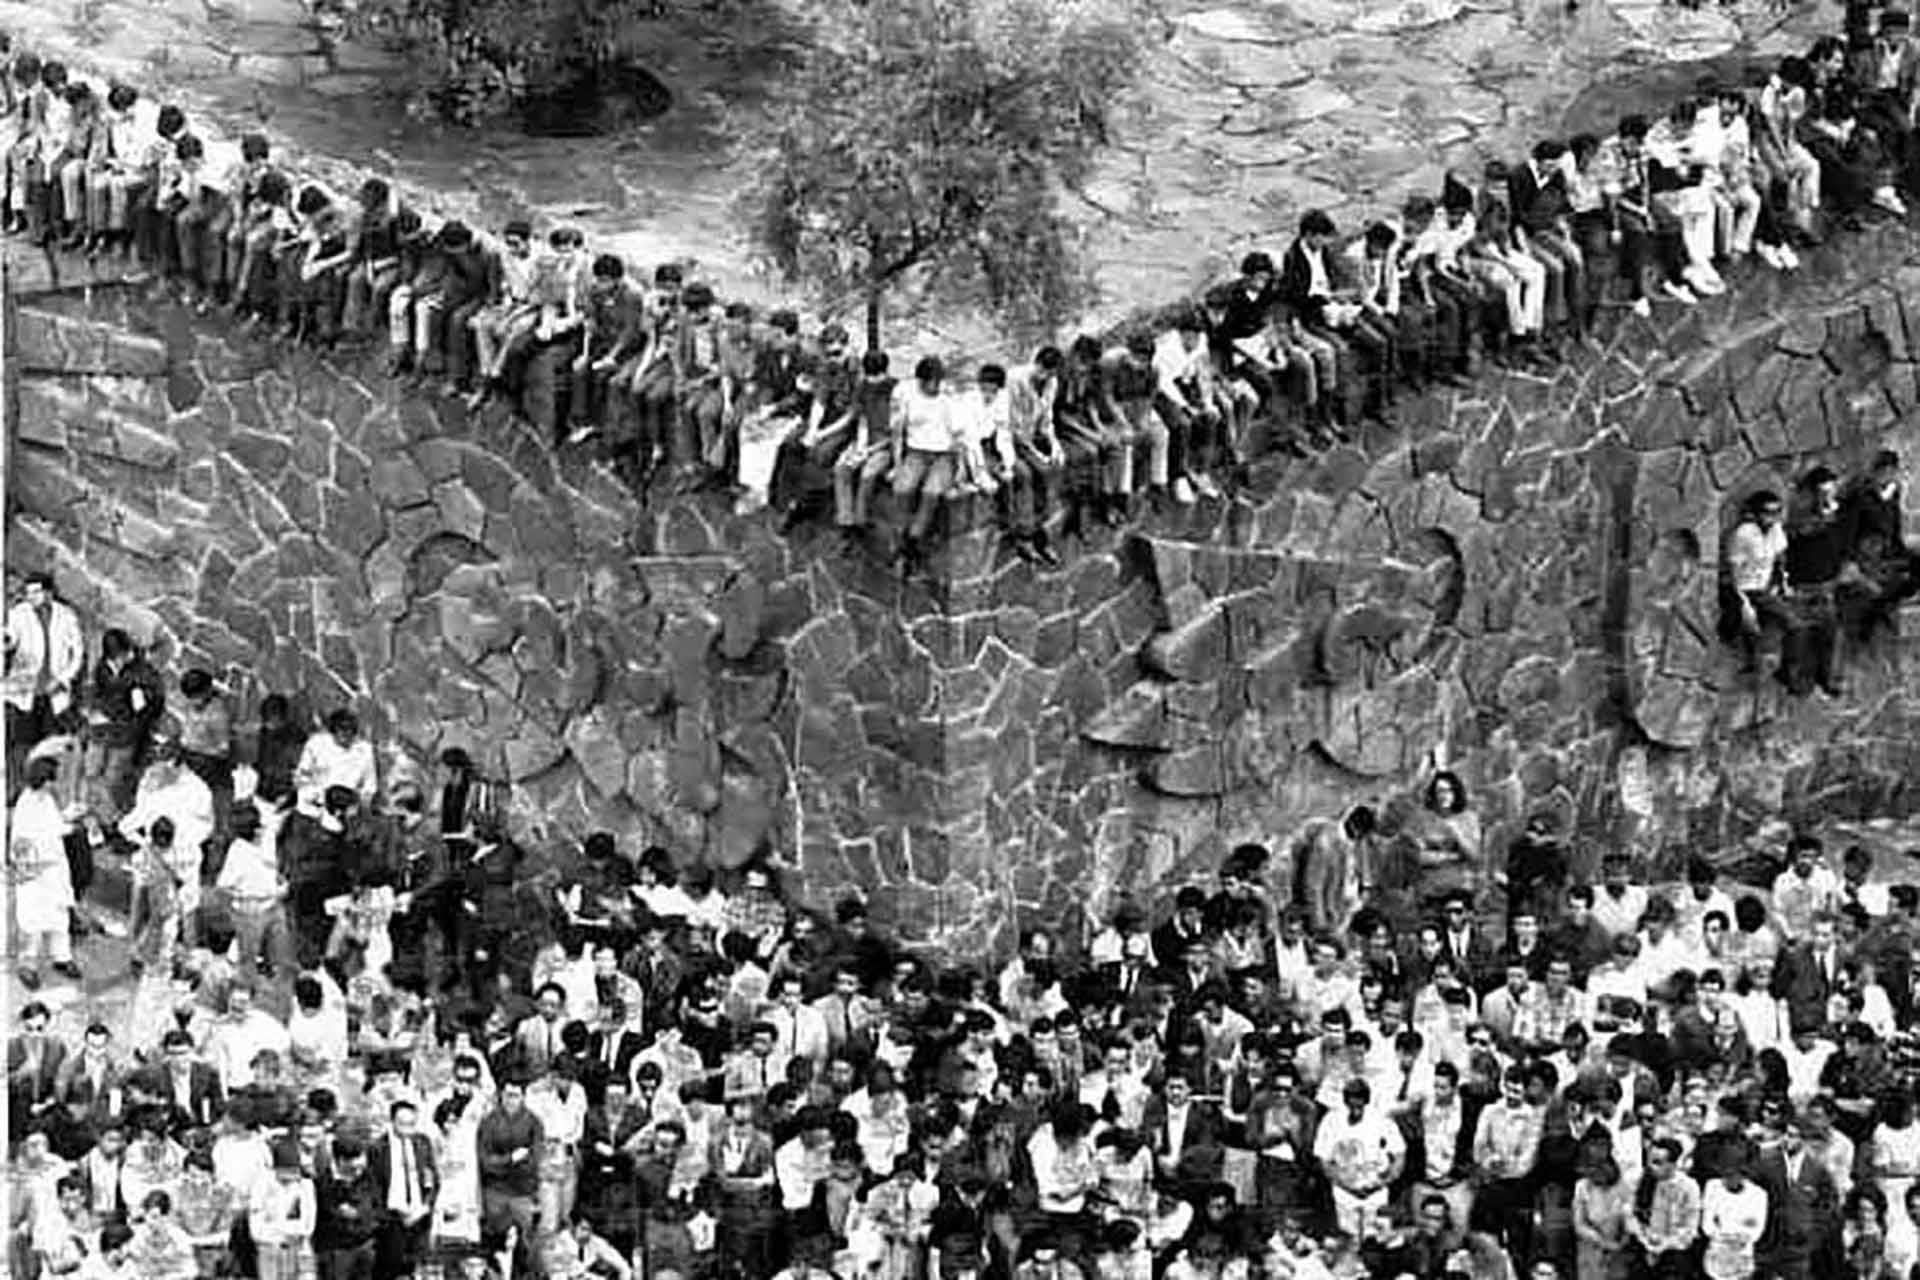 Reunión de estudiantes en Tlatelolco para protestar contra el gobierno en 1968